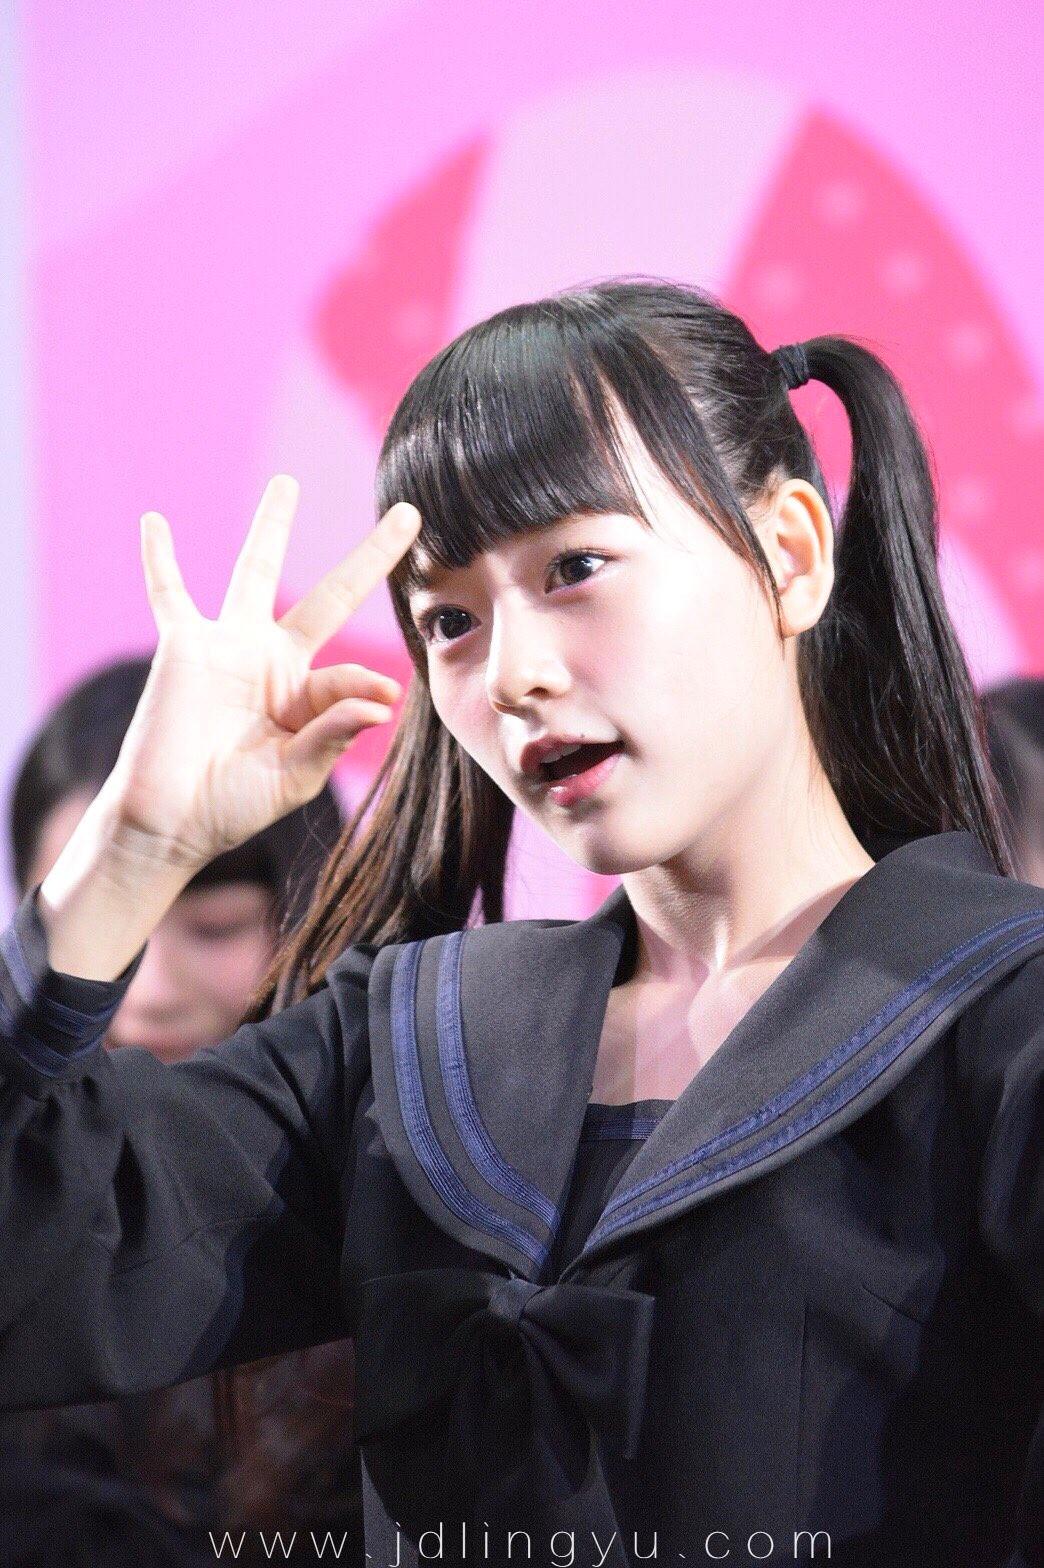 日本十四岁妹子齐藤渚,获新千年一遇美男生称初吻的对少女还在女生图片